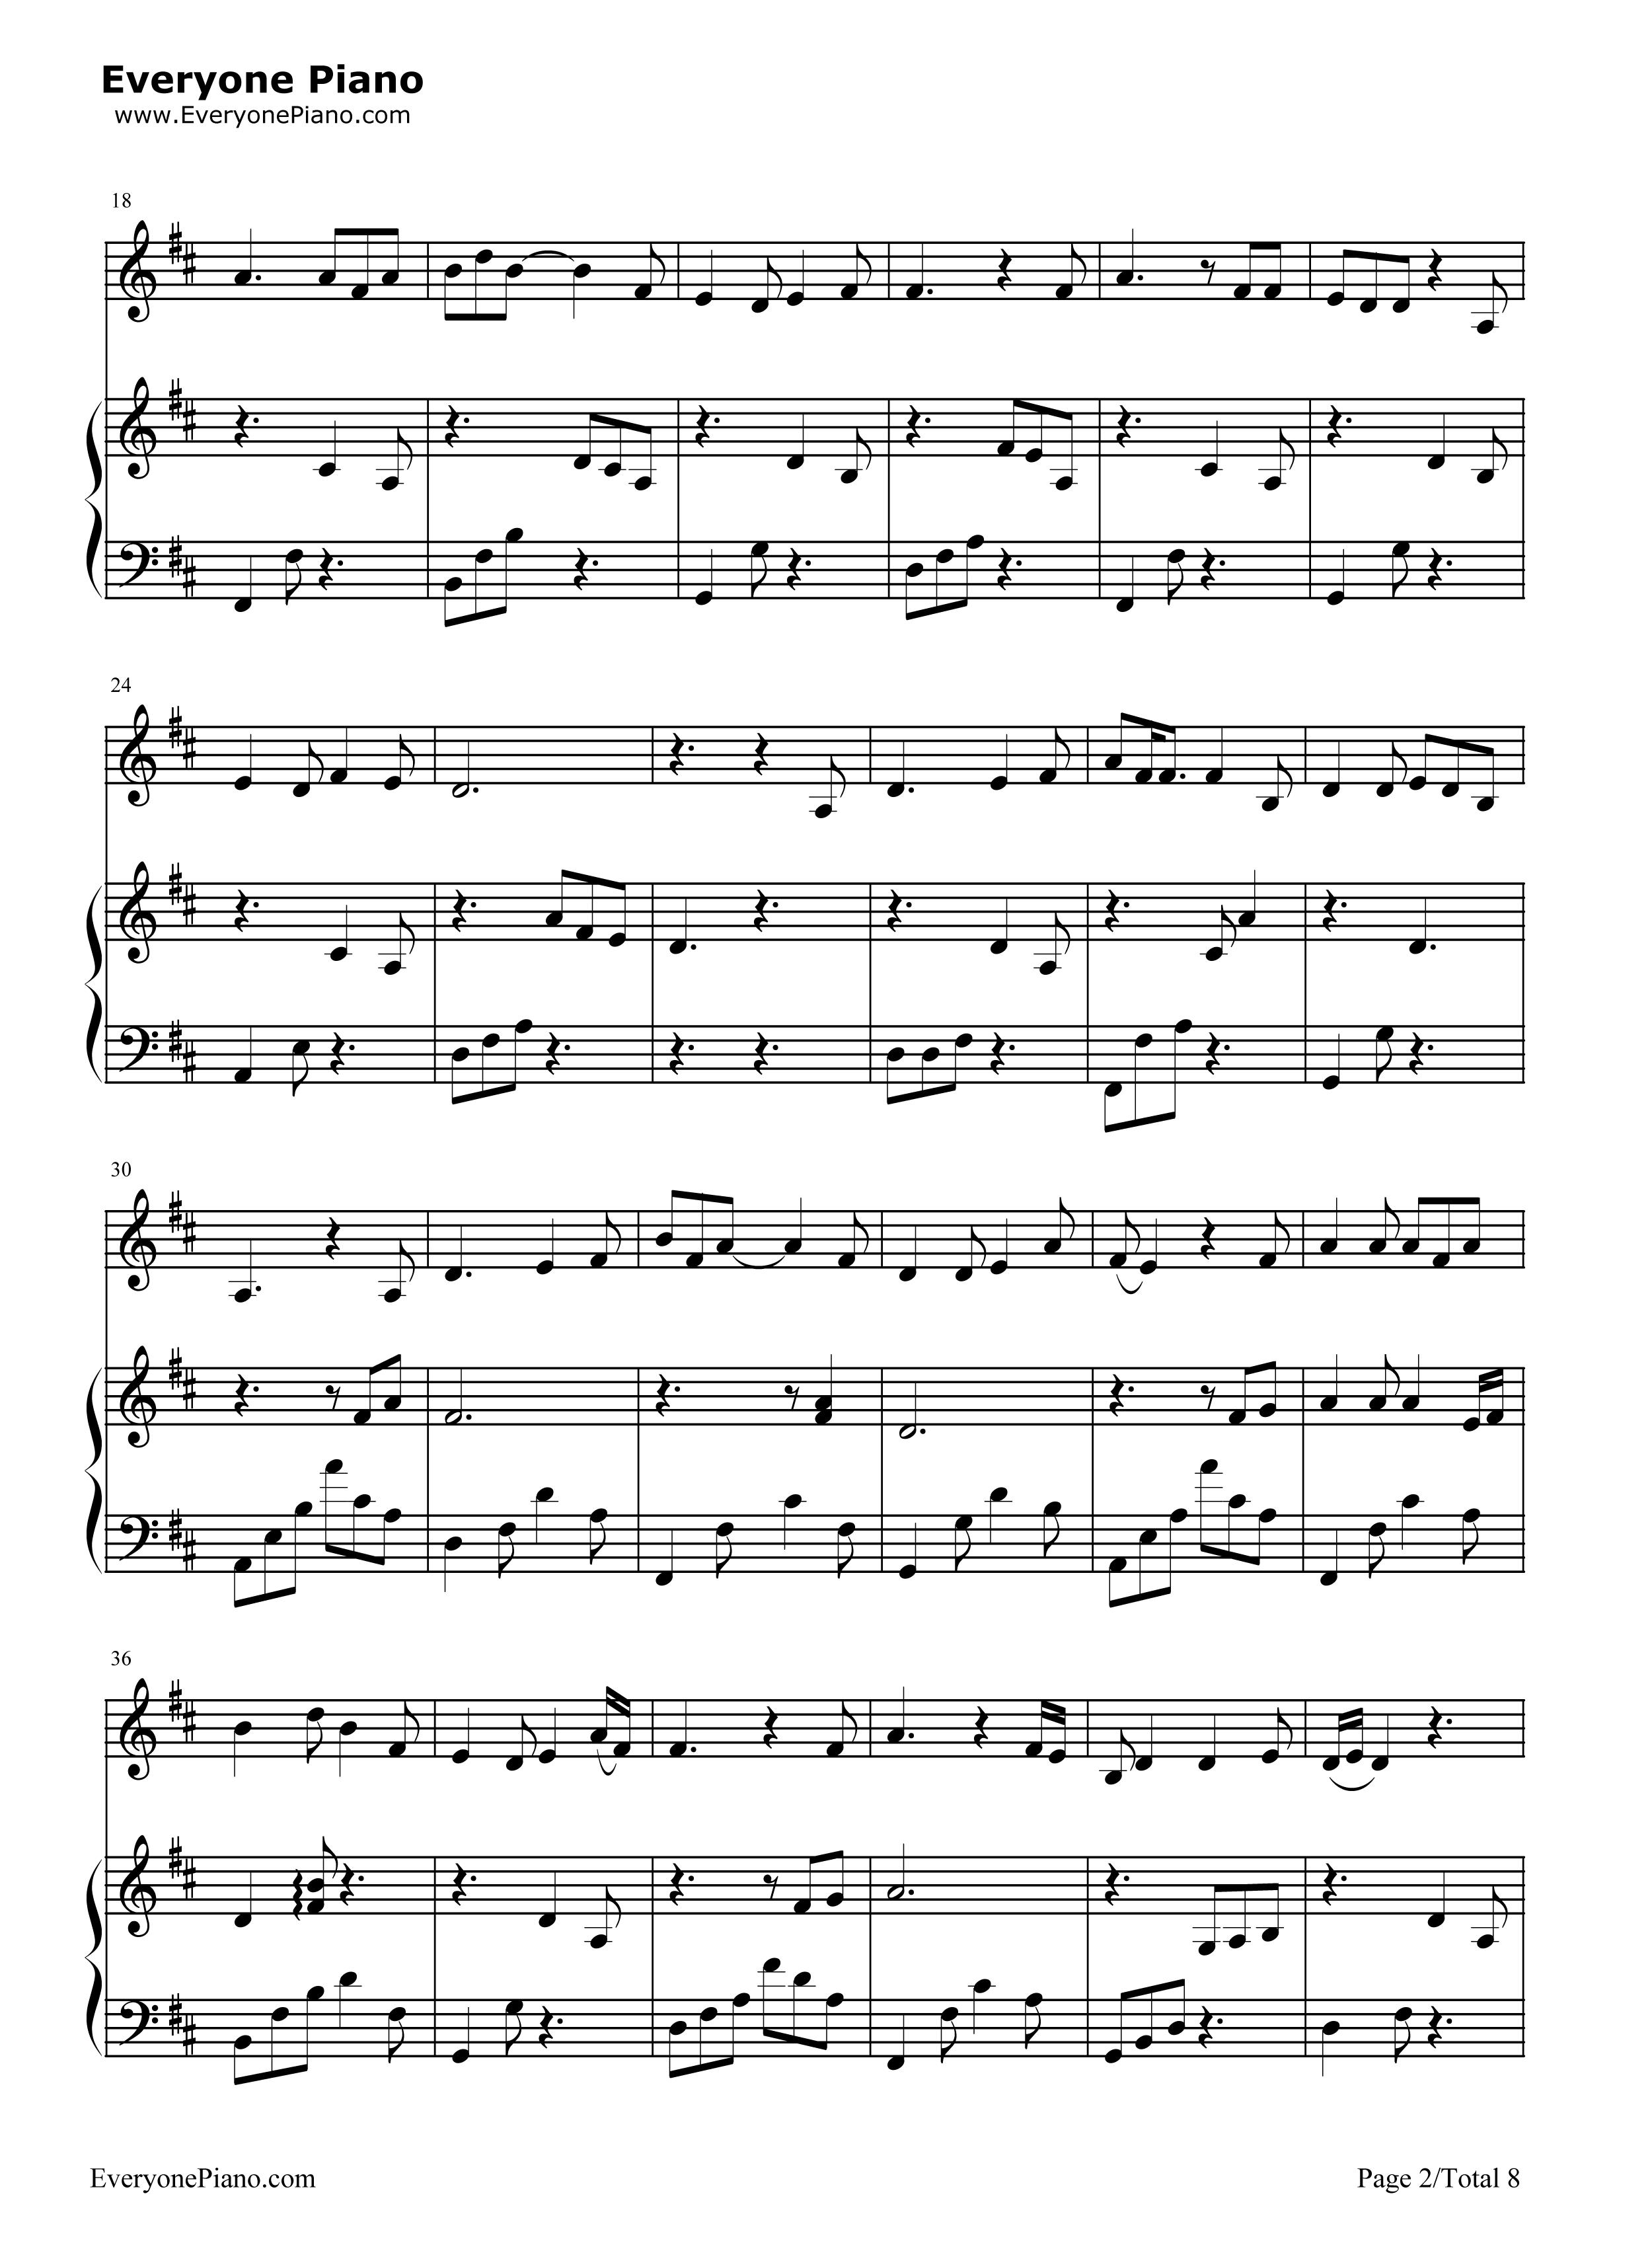 钢琴曲谱 流行 成都-弹唱版 成都-弹唱版五线谱预览2  }  仅供学习